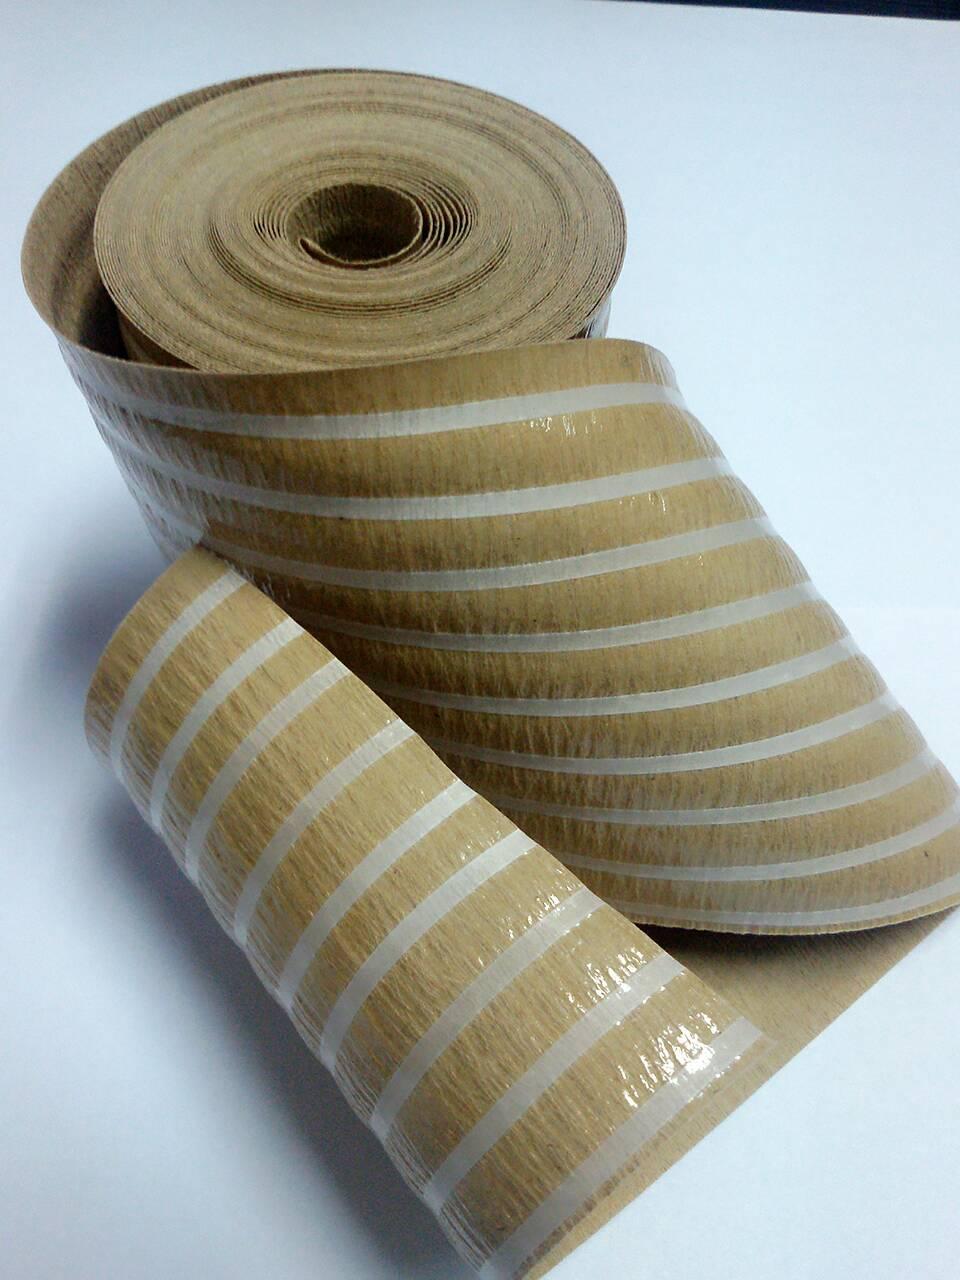 批发东莞皱纹膜纸 钢材分条隔离纸 皱纹夹丝防锈纸 皱纹夹筋淋膜牛皮纸